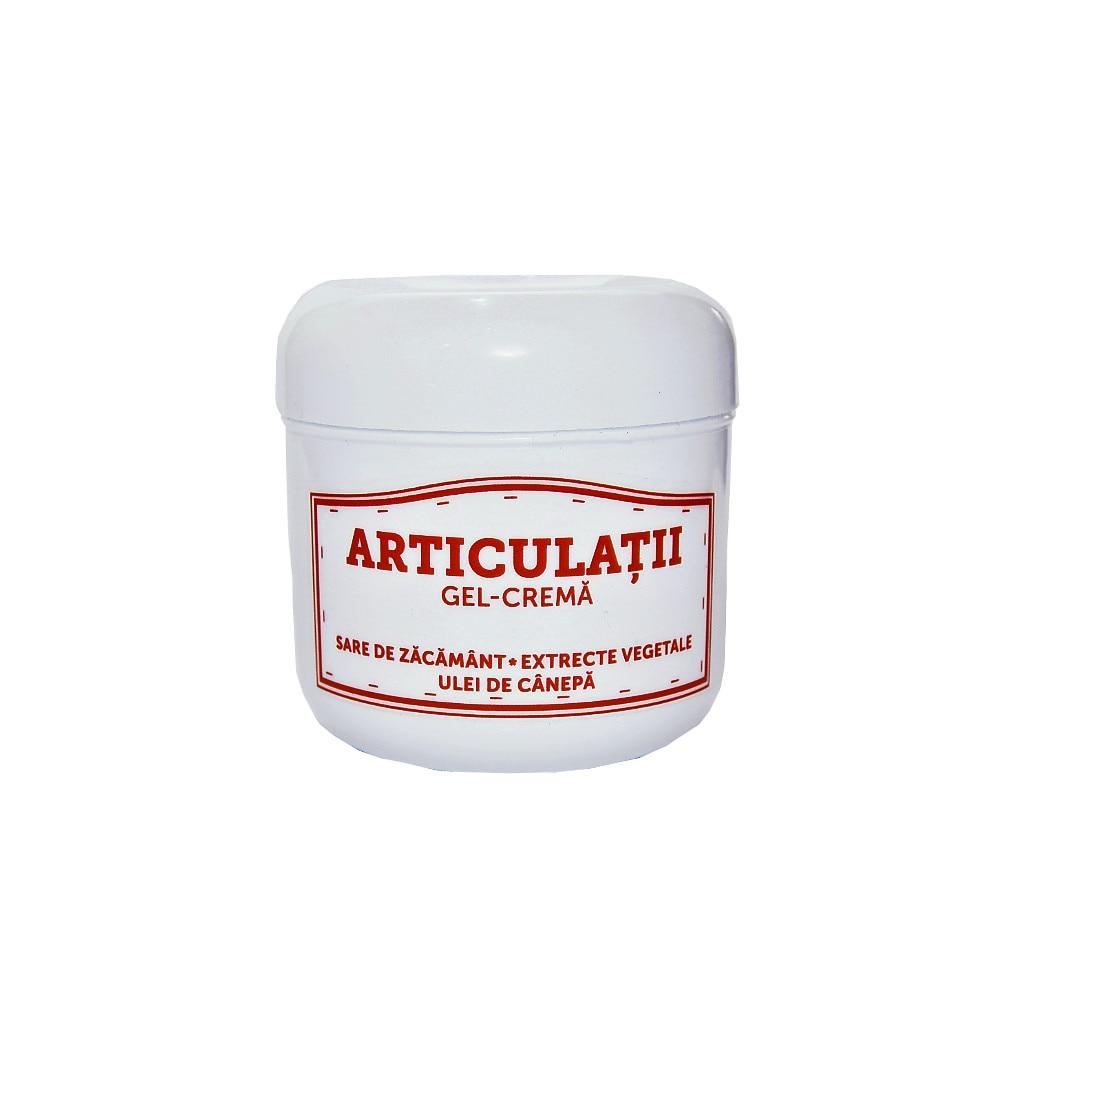 Garmastan Crema, 20 g, Protina Pharma Unguent articular pentru alăptare